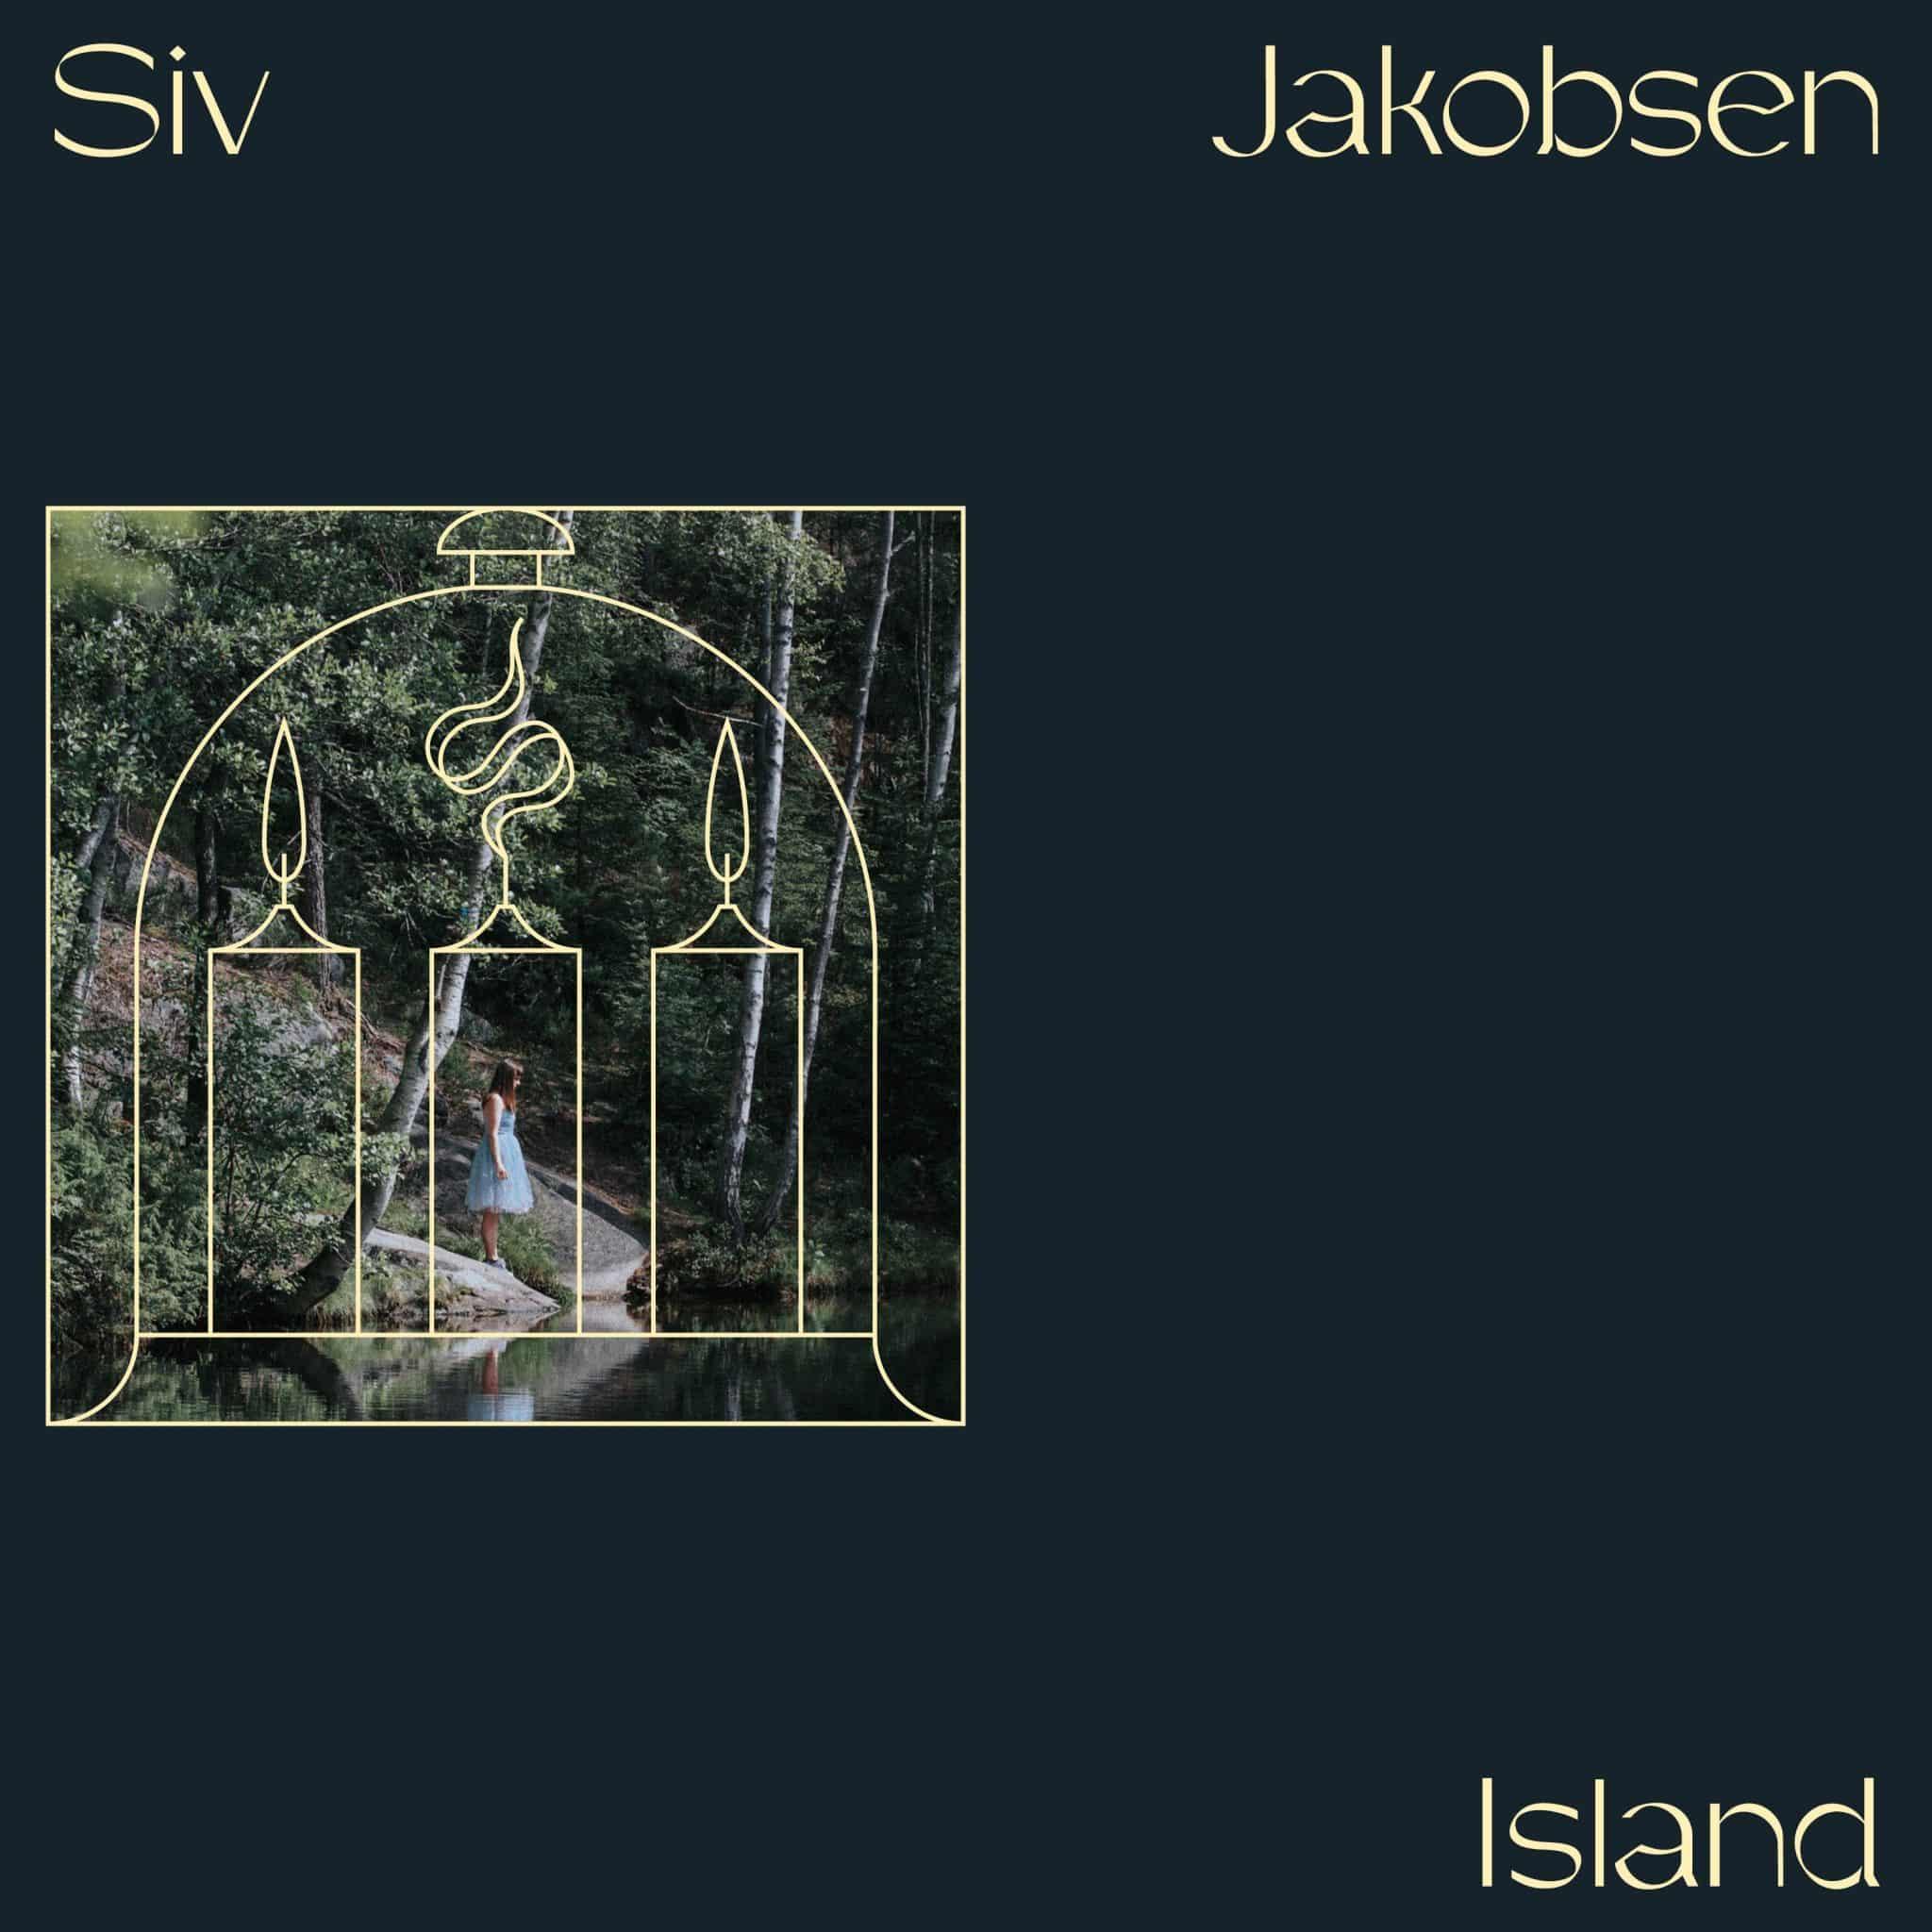 Siv Jakobsen - Island